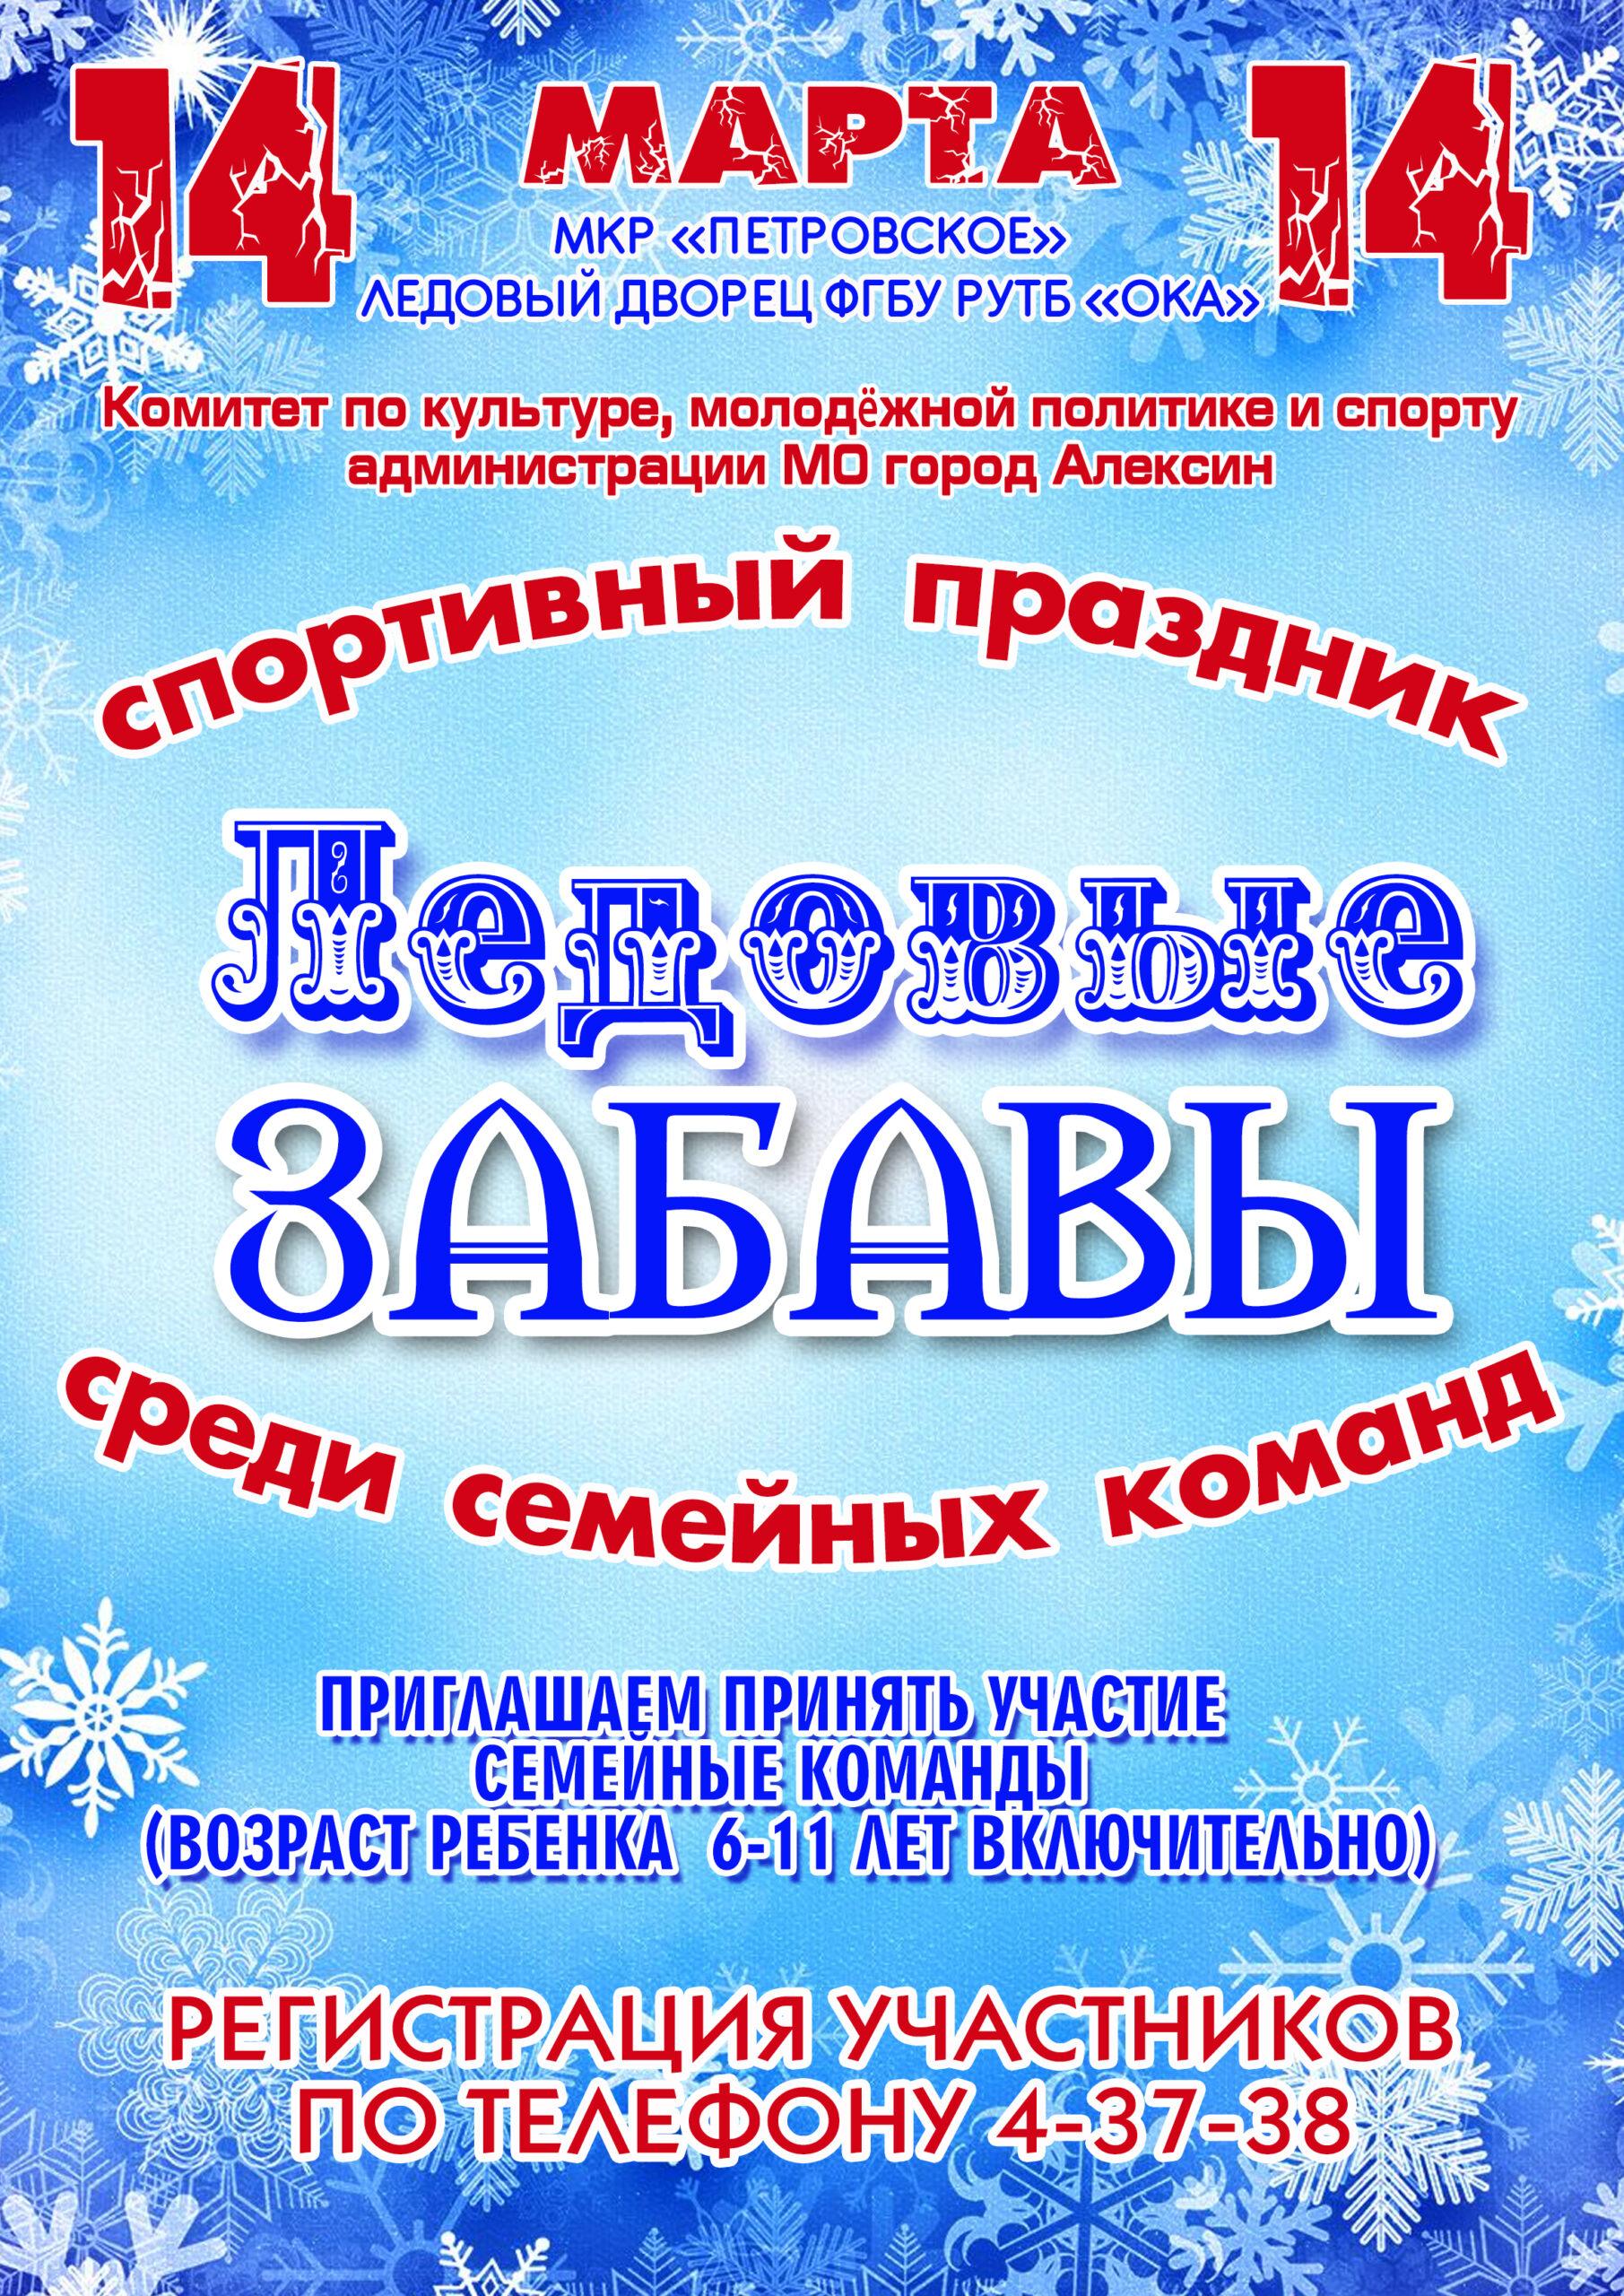 Ледовые забавы 2020